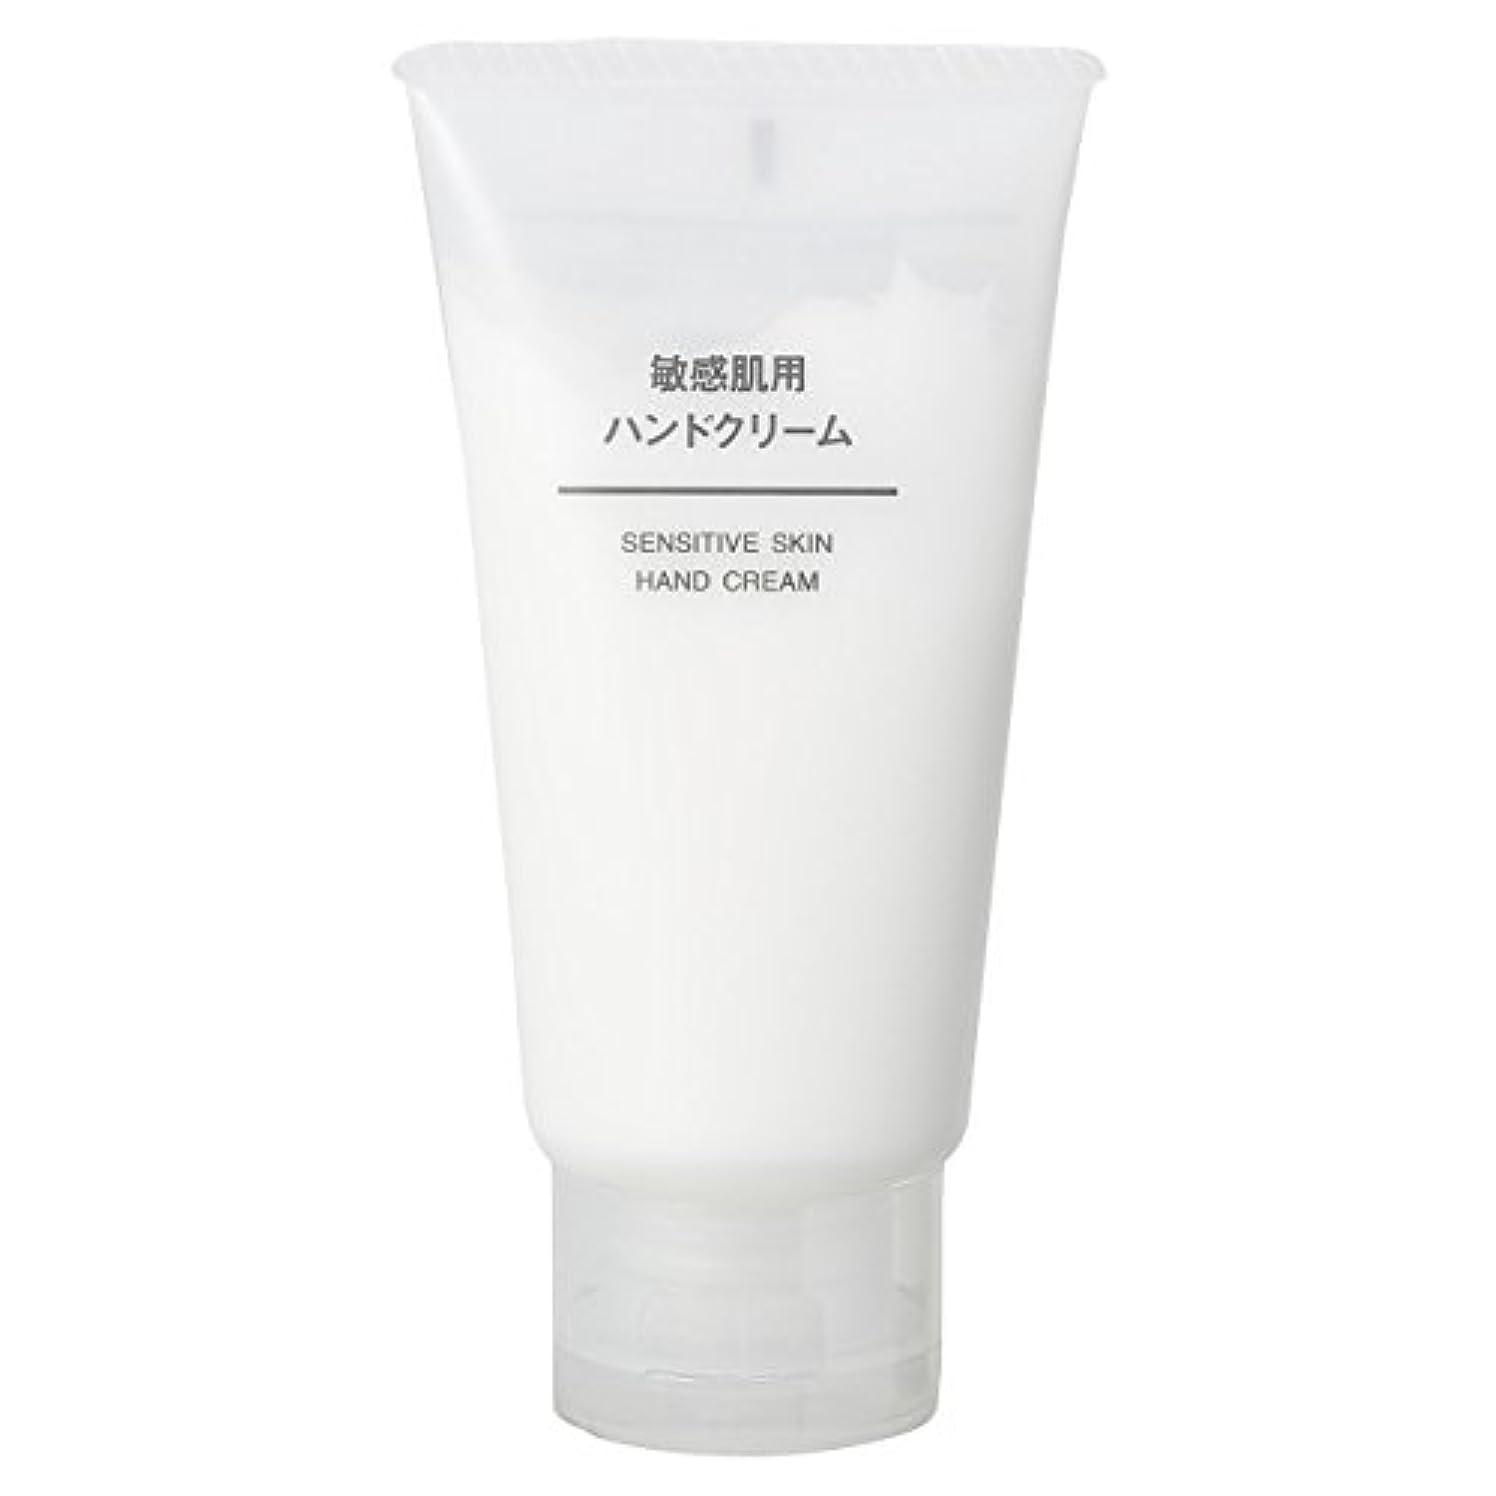 バラバラにする増加する注文無印良品 敏感肌用 ハンドクリーム 50g 日本製